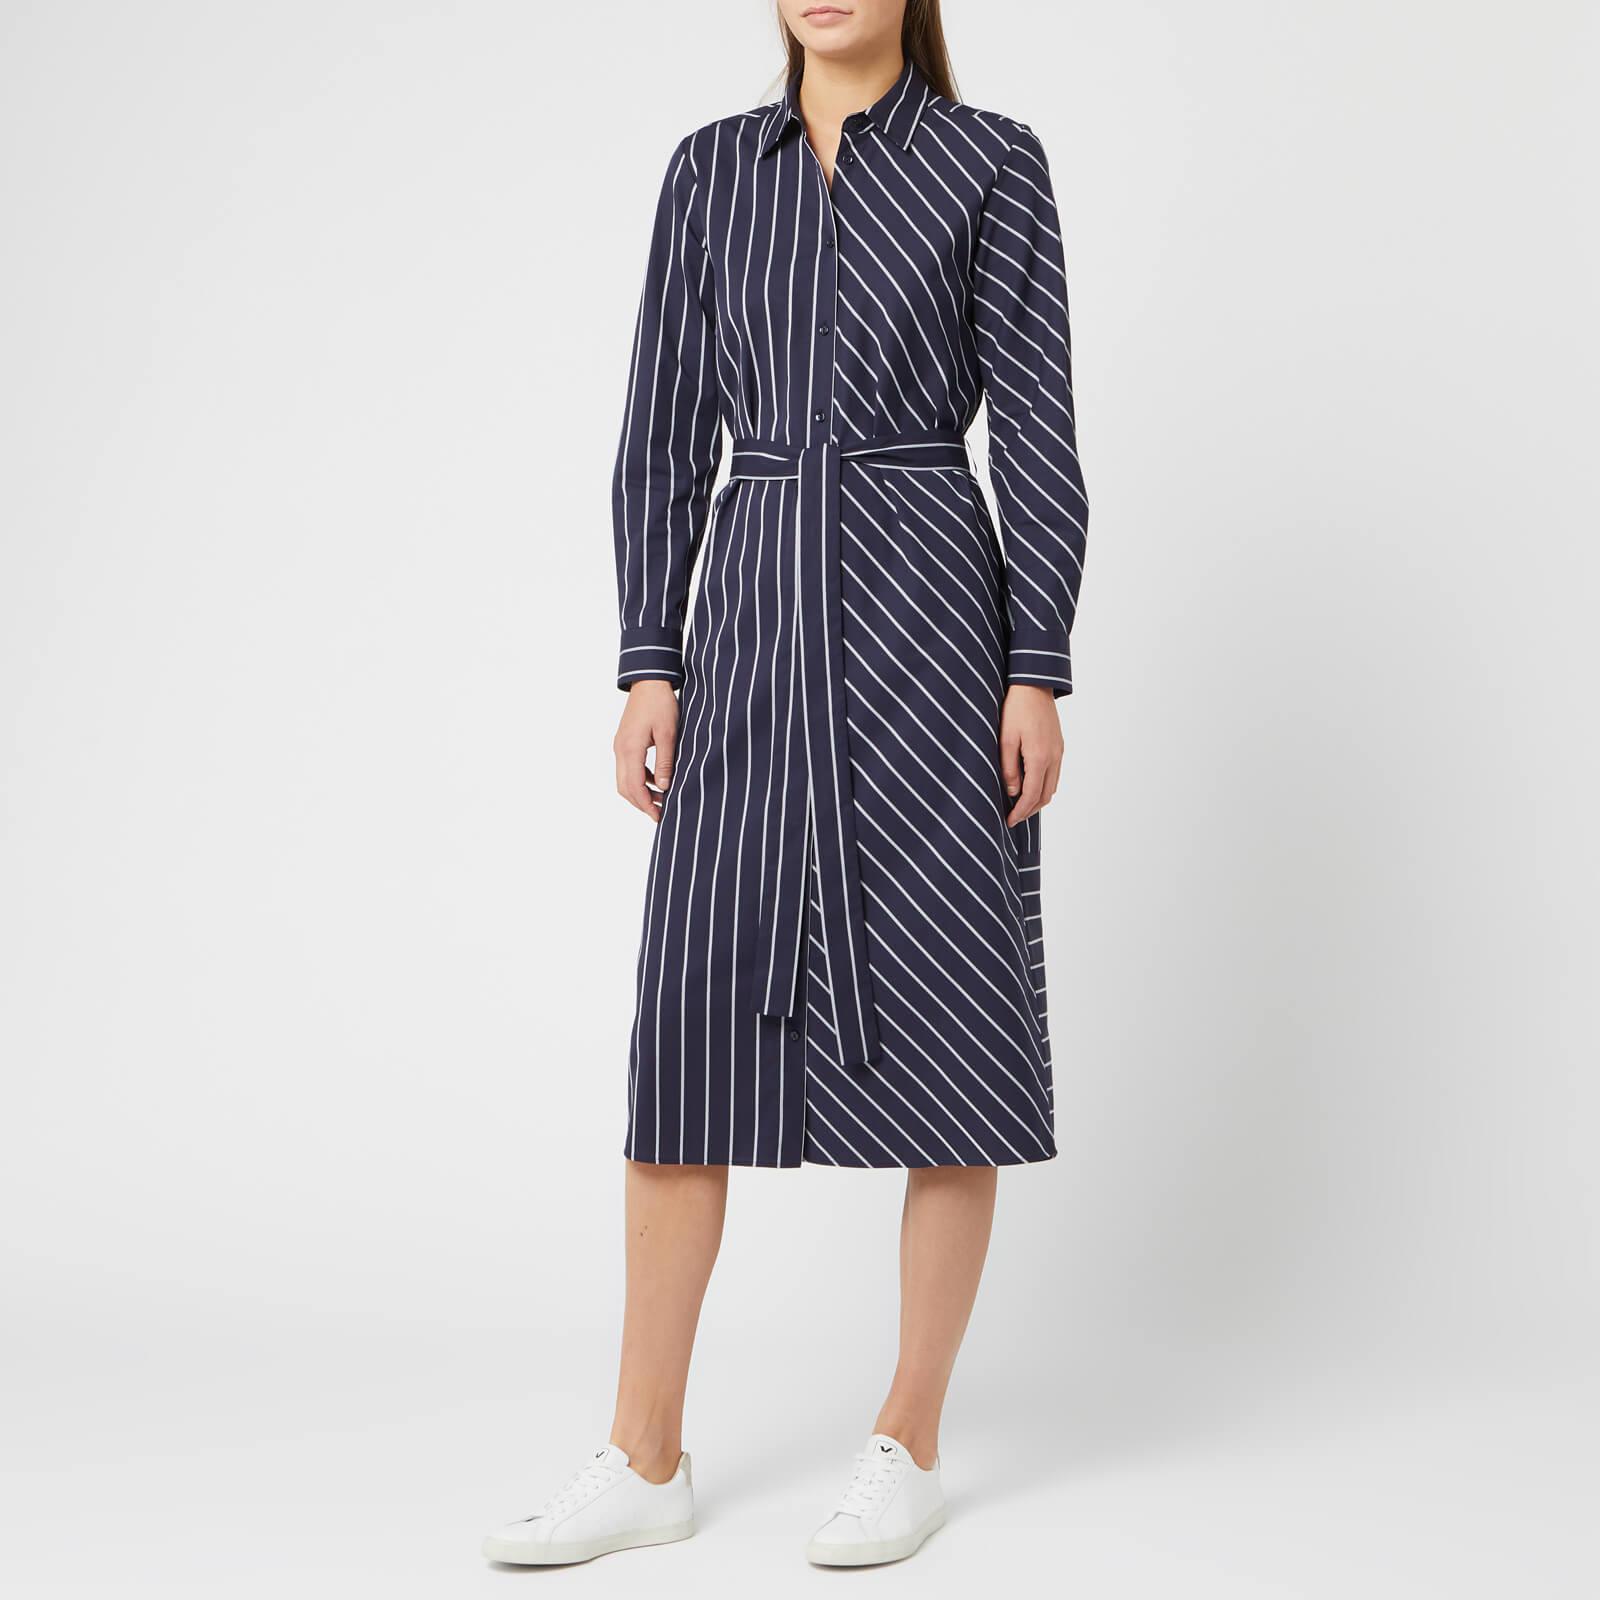 Hugo Boss Women's Elowen Stripe Dress - Navy - UK 6